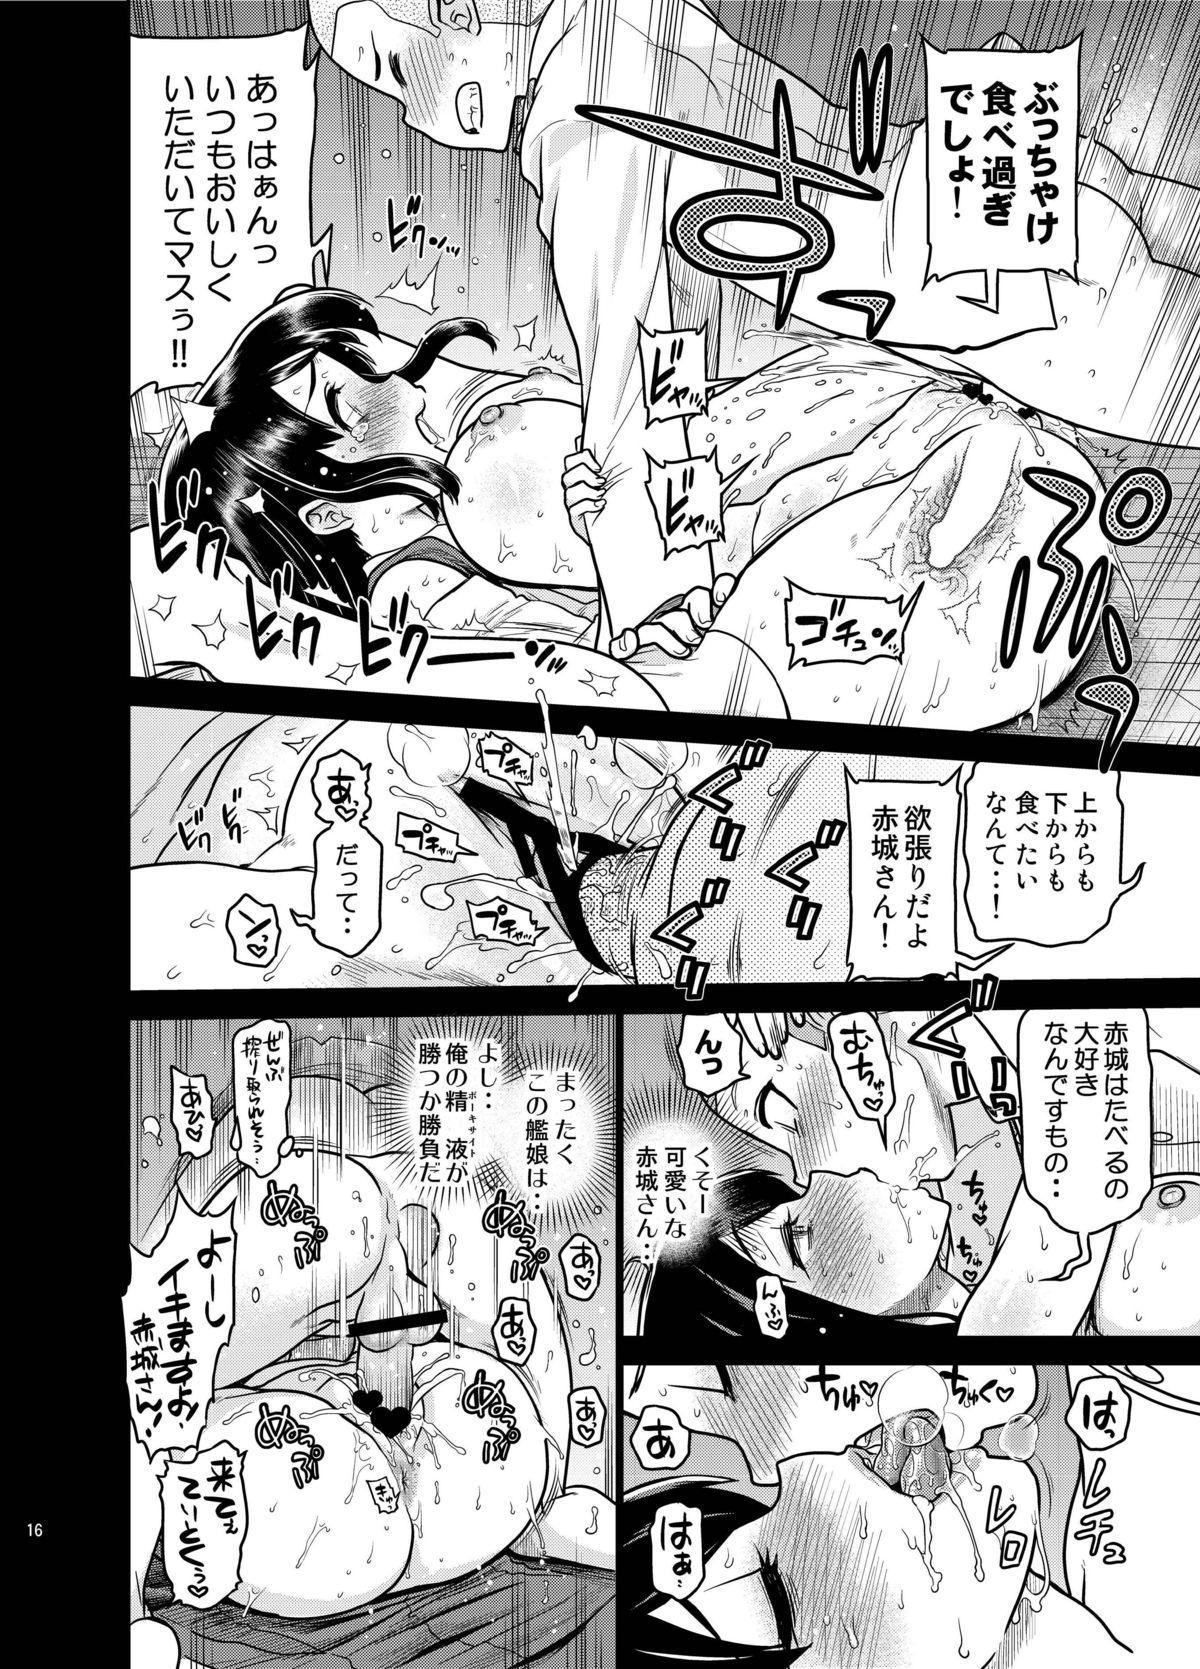 Oshiri no Ookii Akagi-san ni Oishiku Itadakaremashita 14